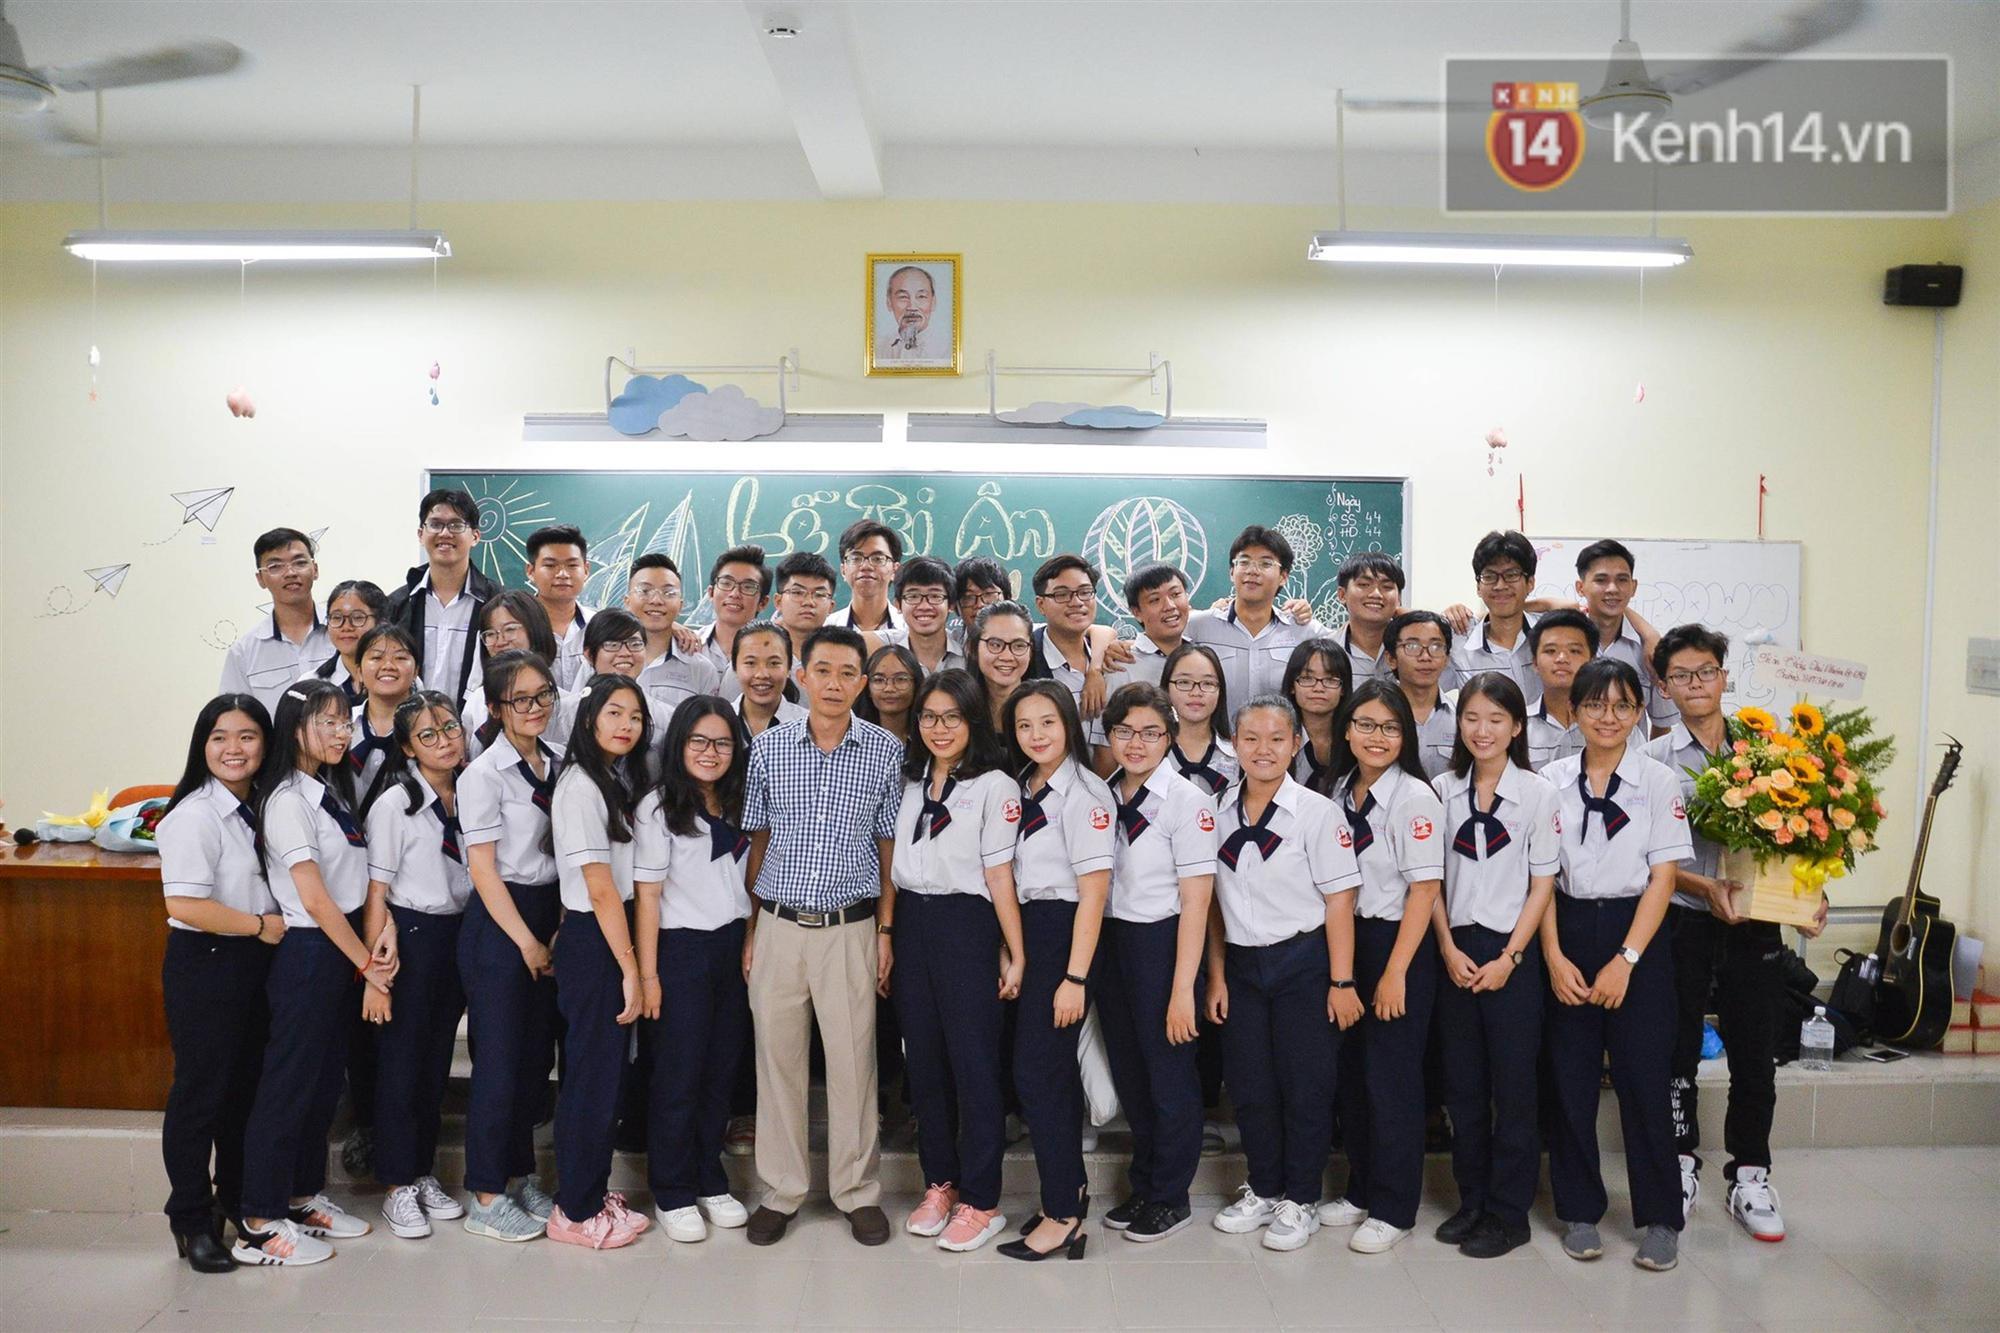 Đêm tri ân đầy nước mắt của trường Gia Định: Khóc vì chúng ta đã có một thời học sinh đầy tươi đẹp-18